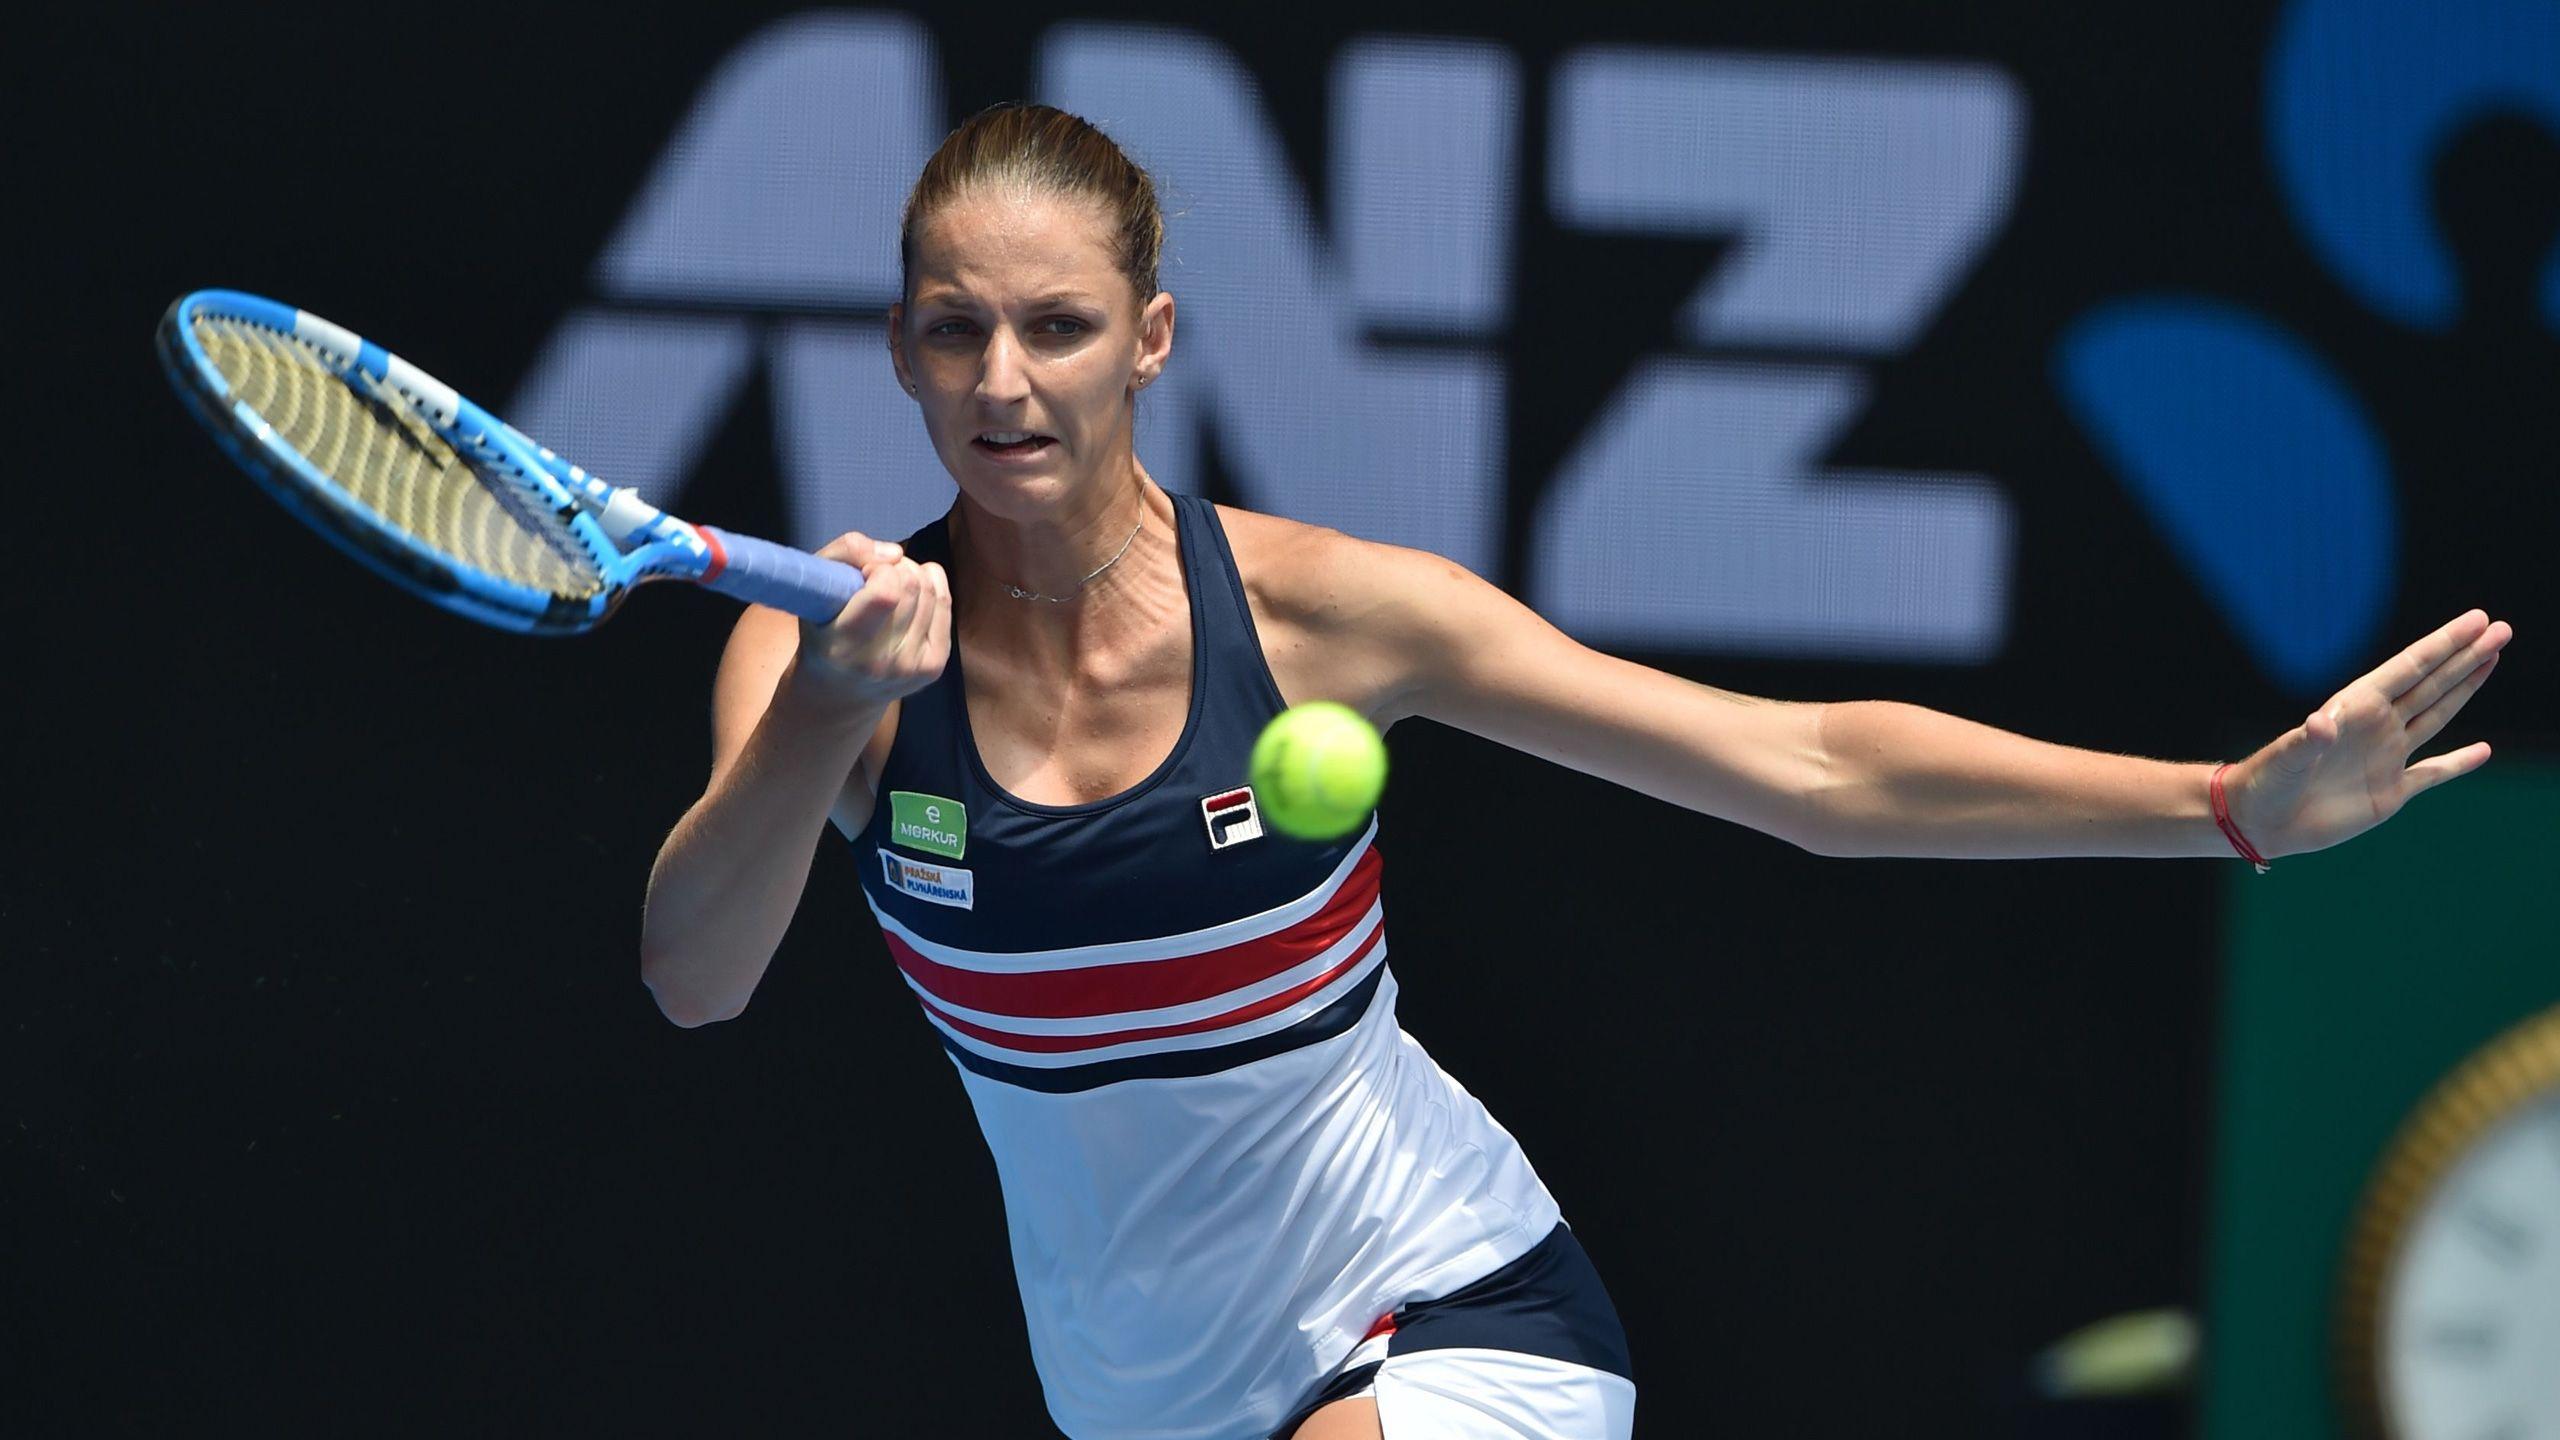 (6) Pliskova vs. (20) Strycova (Women's Fourth Round)